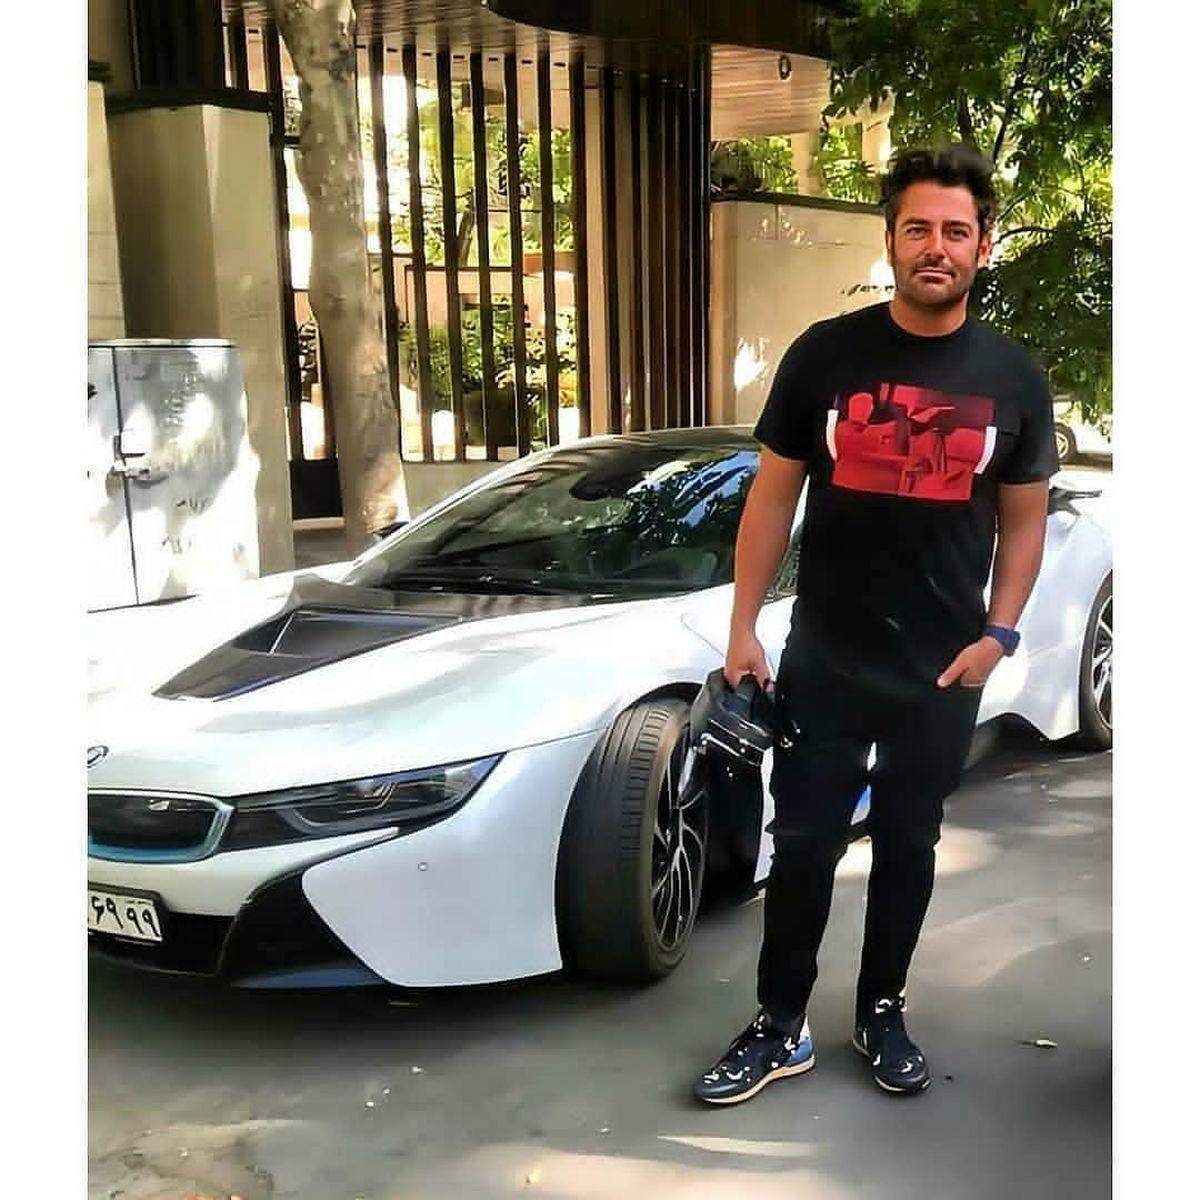 خودروی لاکچری محمدرضا گلزار + عکس